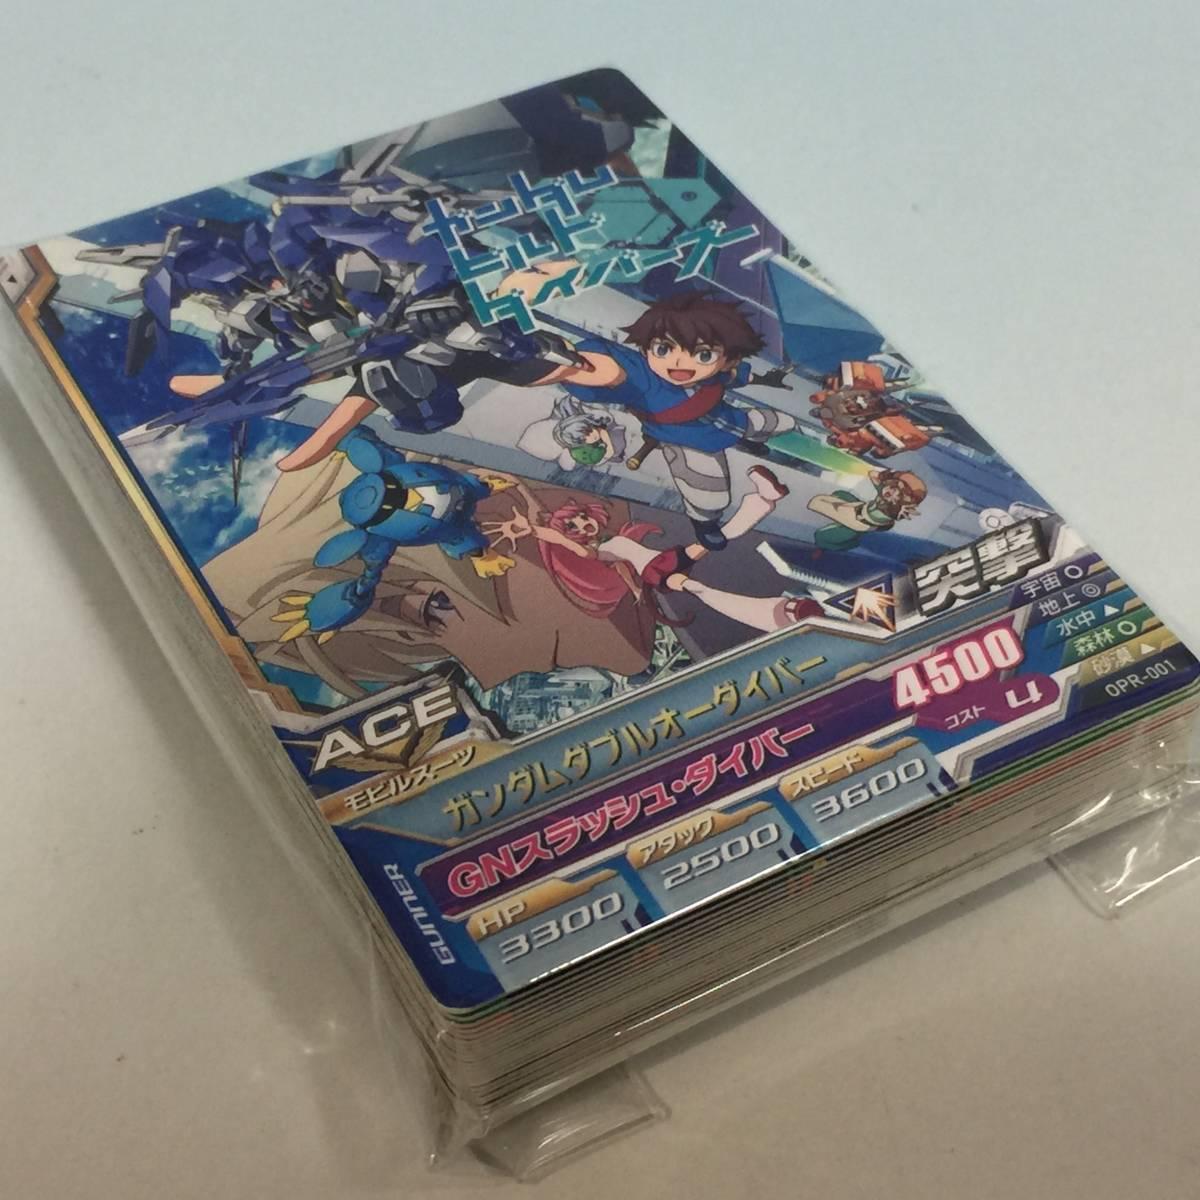 ガンダムトライエイジ OPERATION ACE PRC / NEW スペシャルカードパック03 (OPR-001 ~ OPR-017) フルコンプ全17枚+箔押しVer.6枚=計23枚_画像6